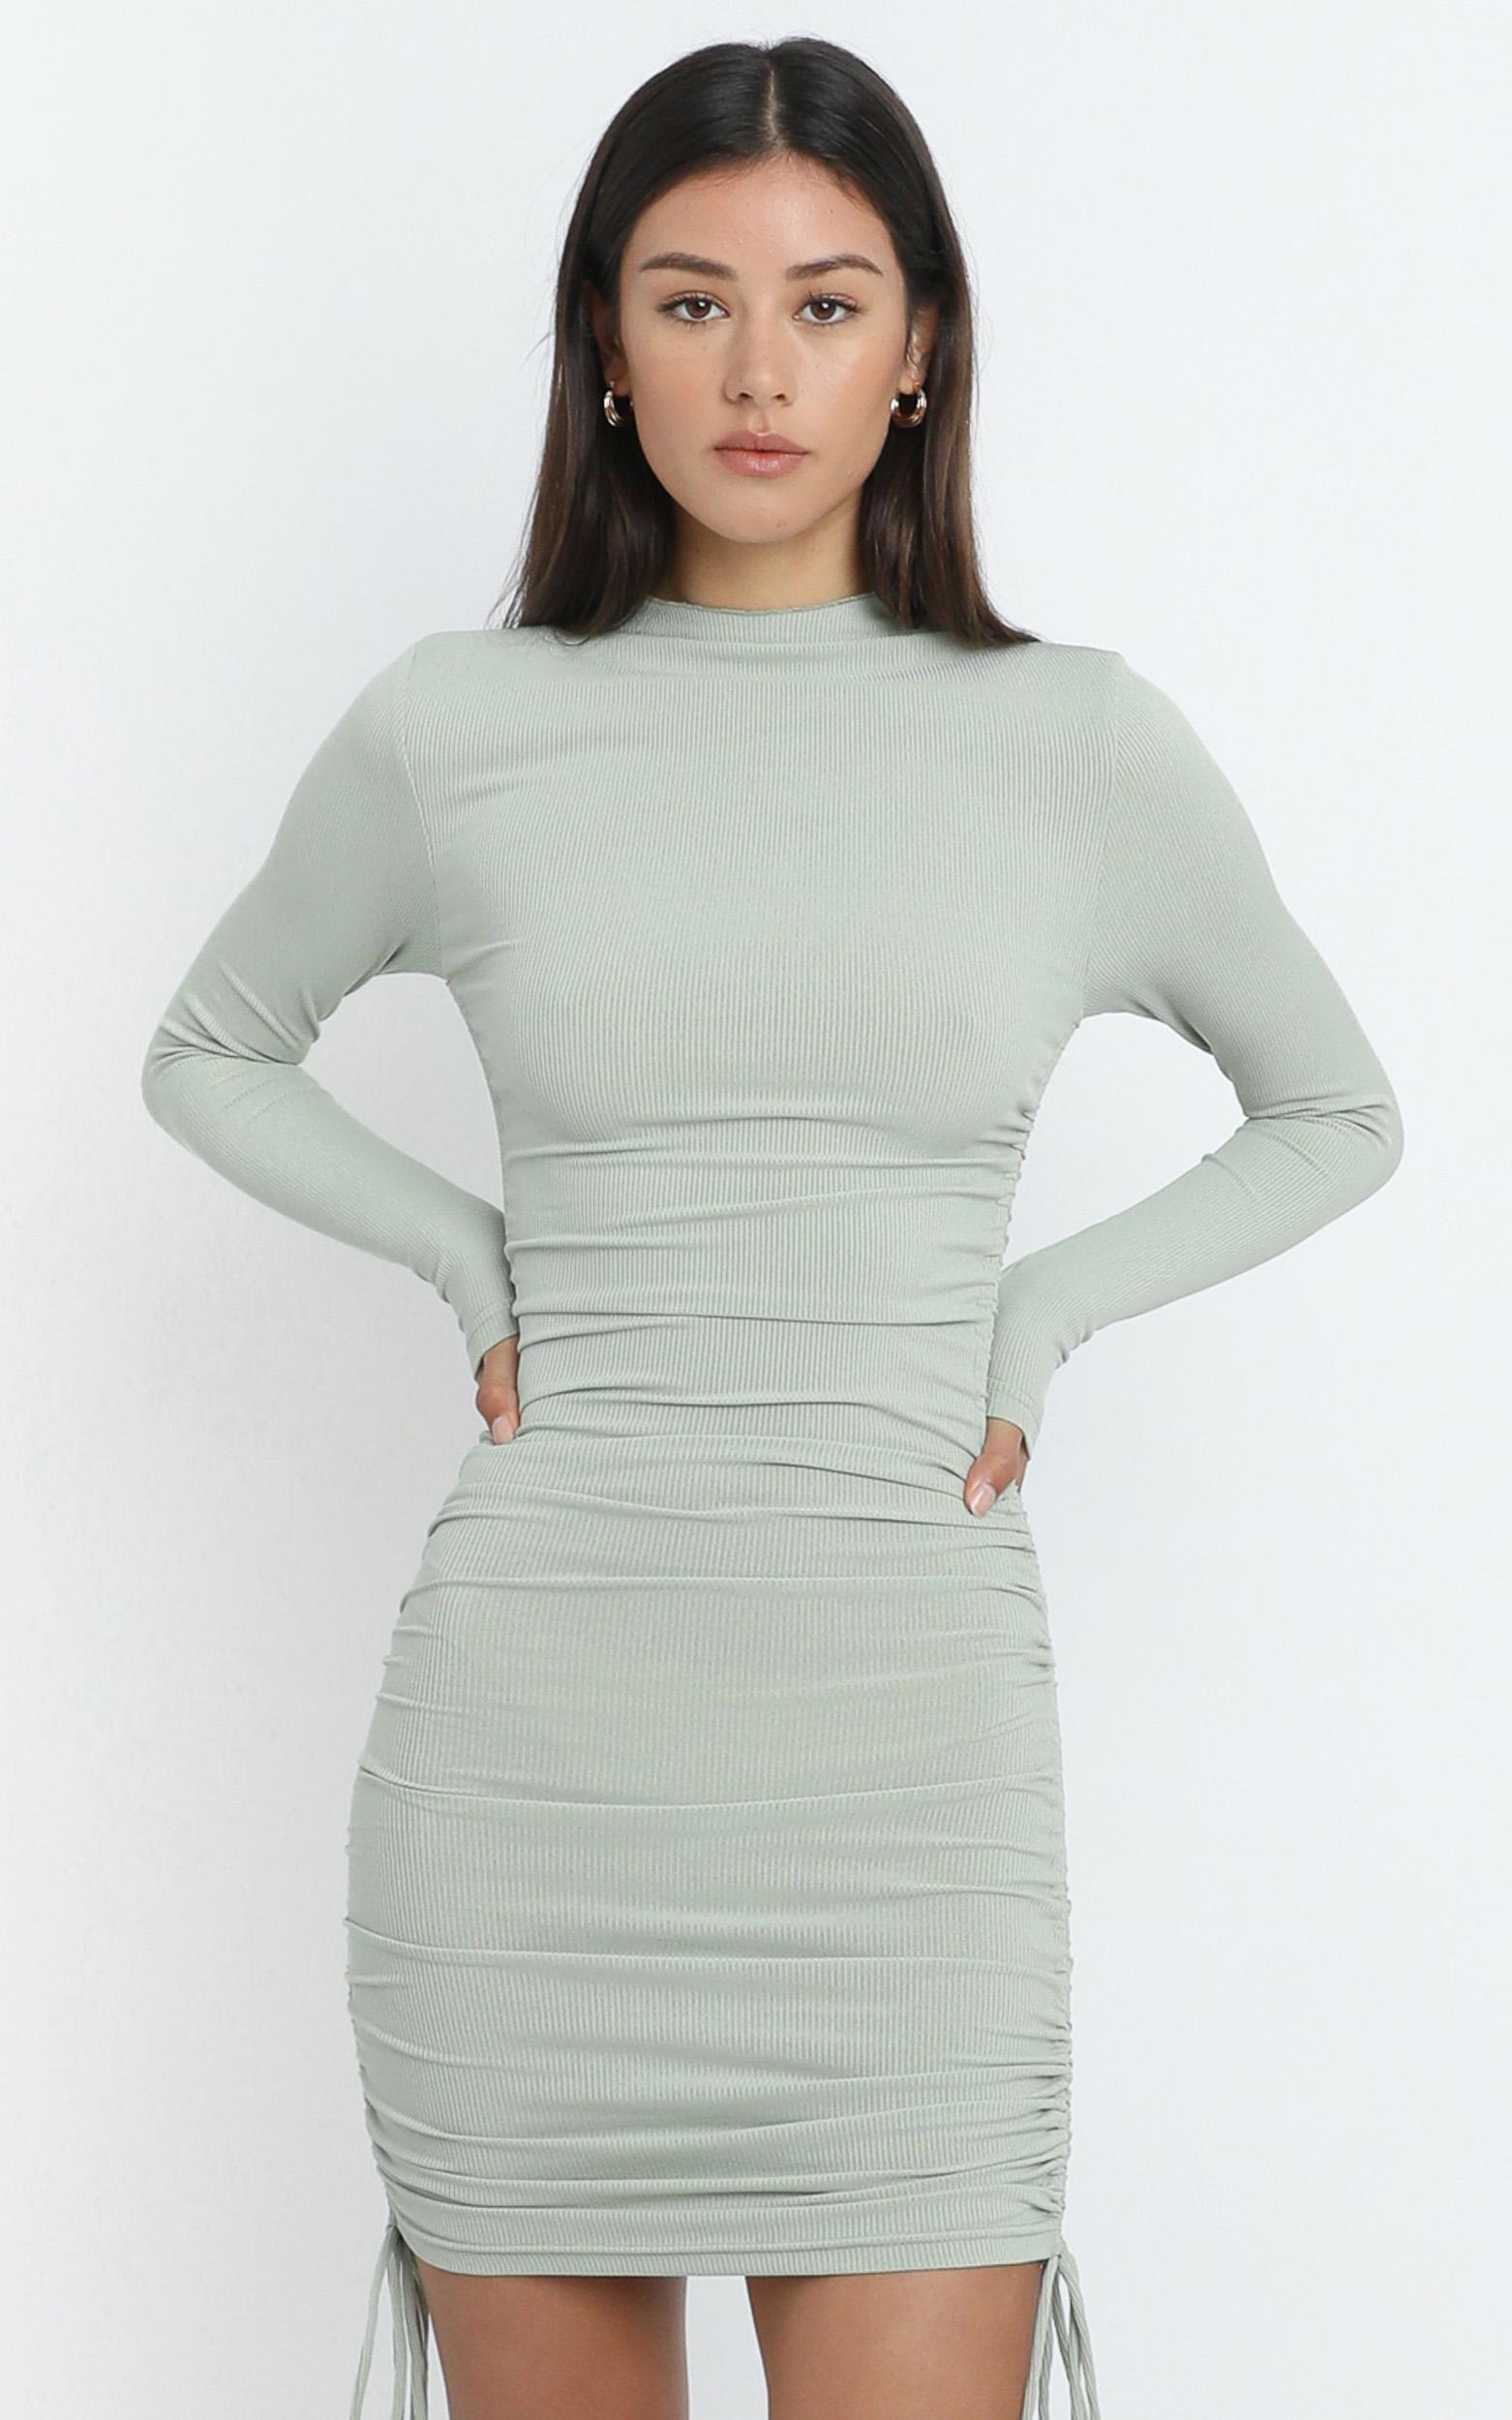 Iris Dress in Sage - 6 (XS), Sage, hi-res image number null